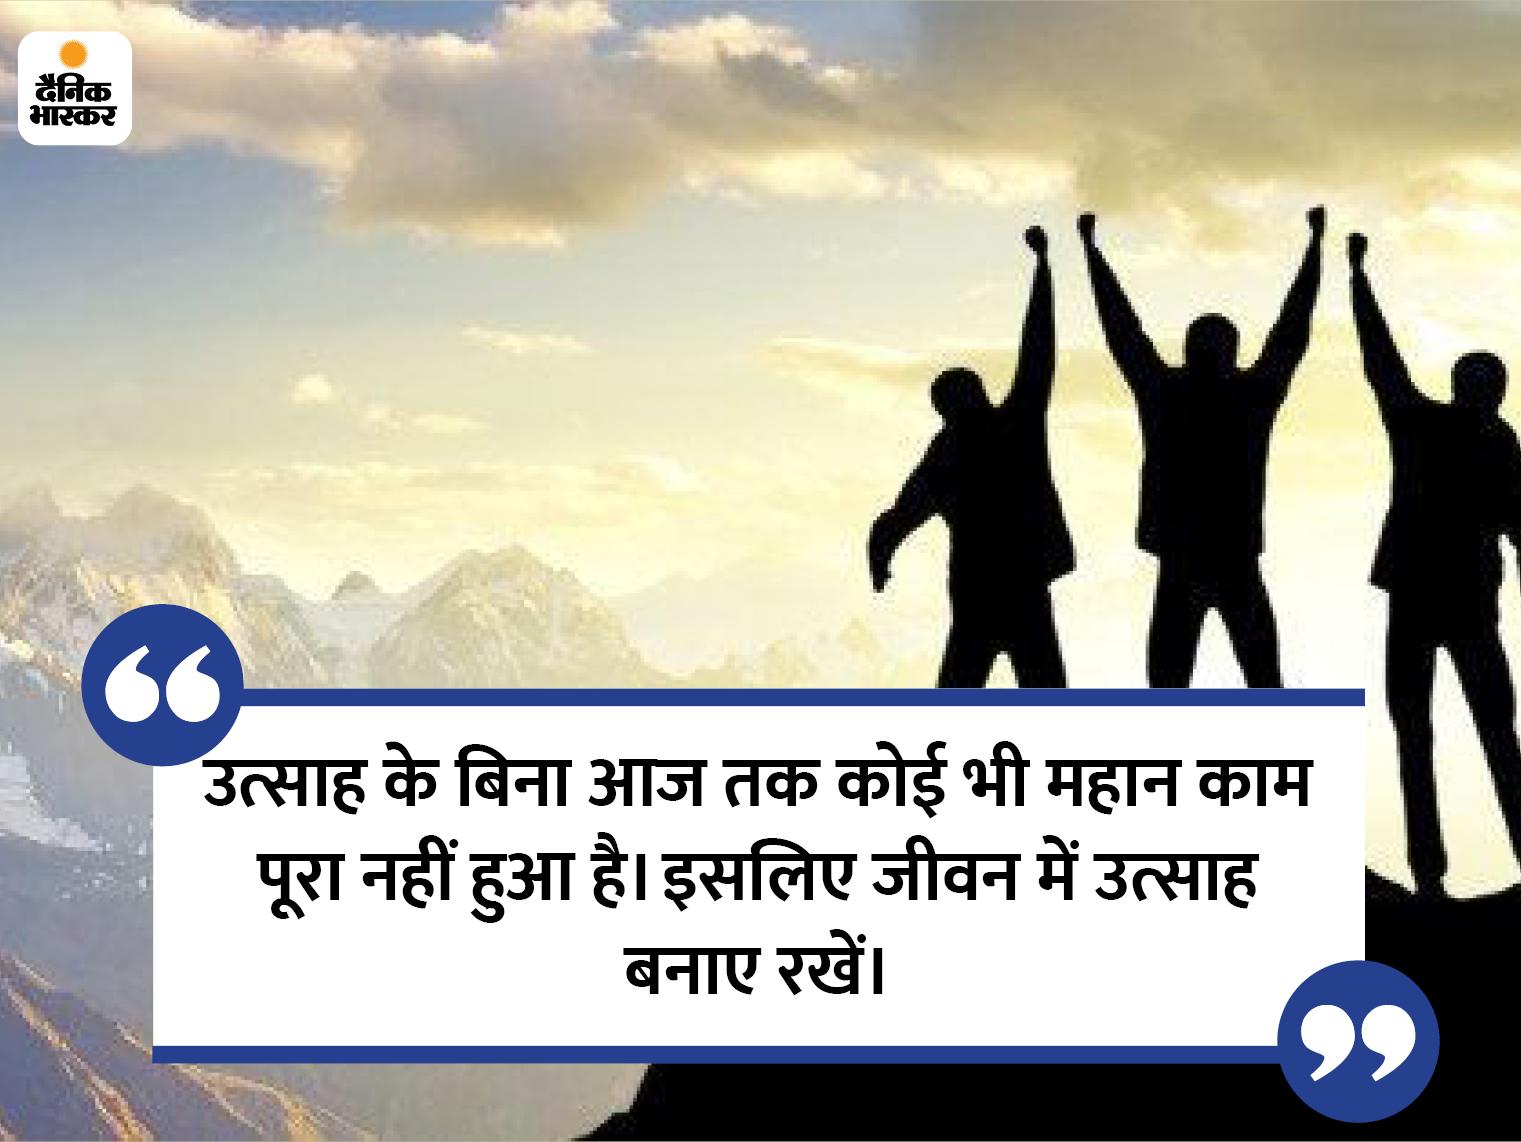 उत्साह के बिना आज तक कोई भी महान काम पूरा नहीं हुआ है, इसीलिए जीवन में उत्साह बनाए रखें|धर्म,Dharm - Dainik Bhaskar